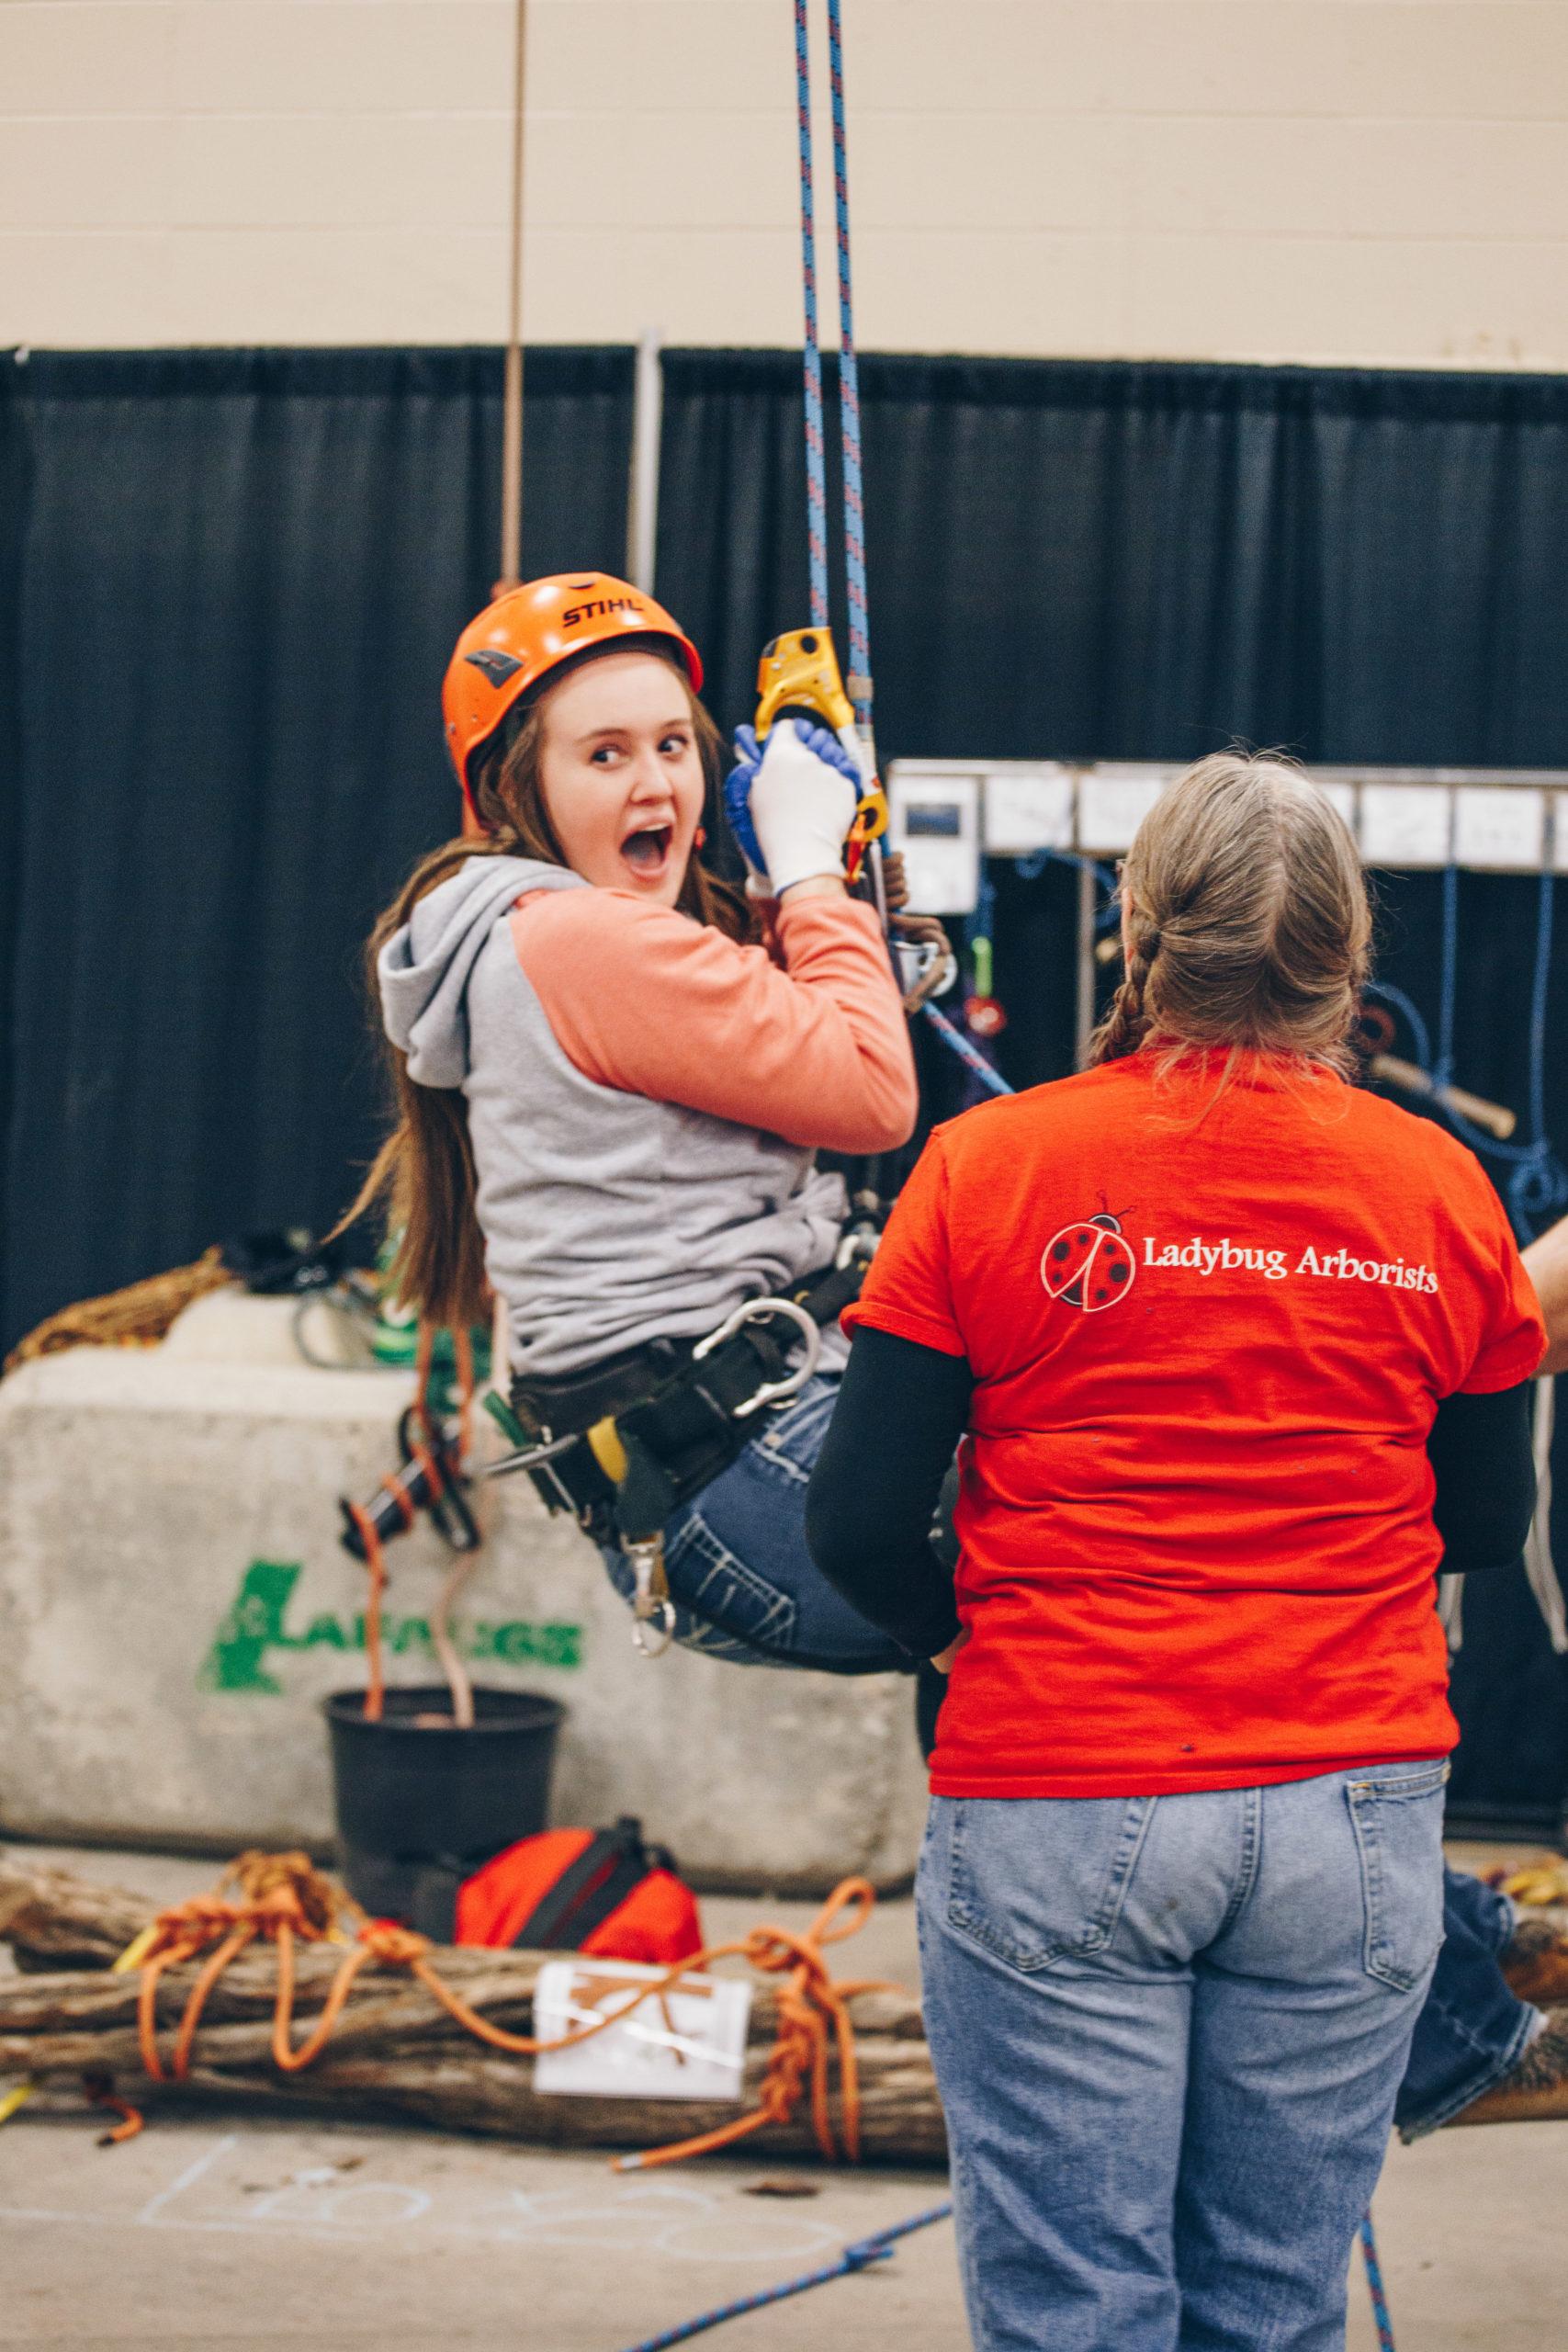 girl in harness swing aborist